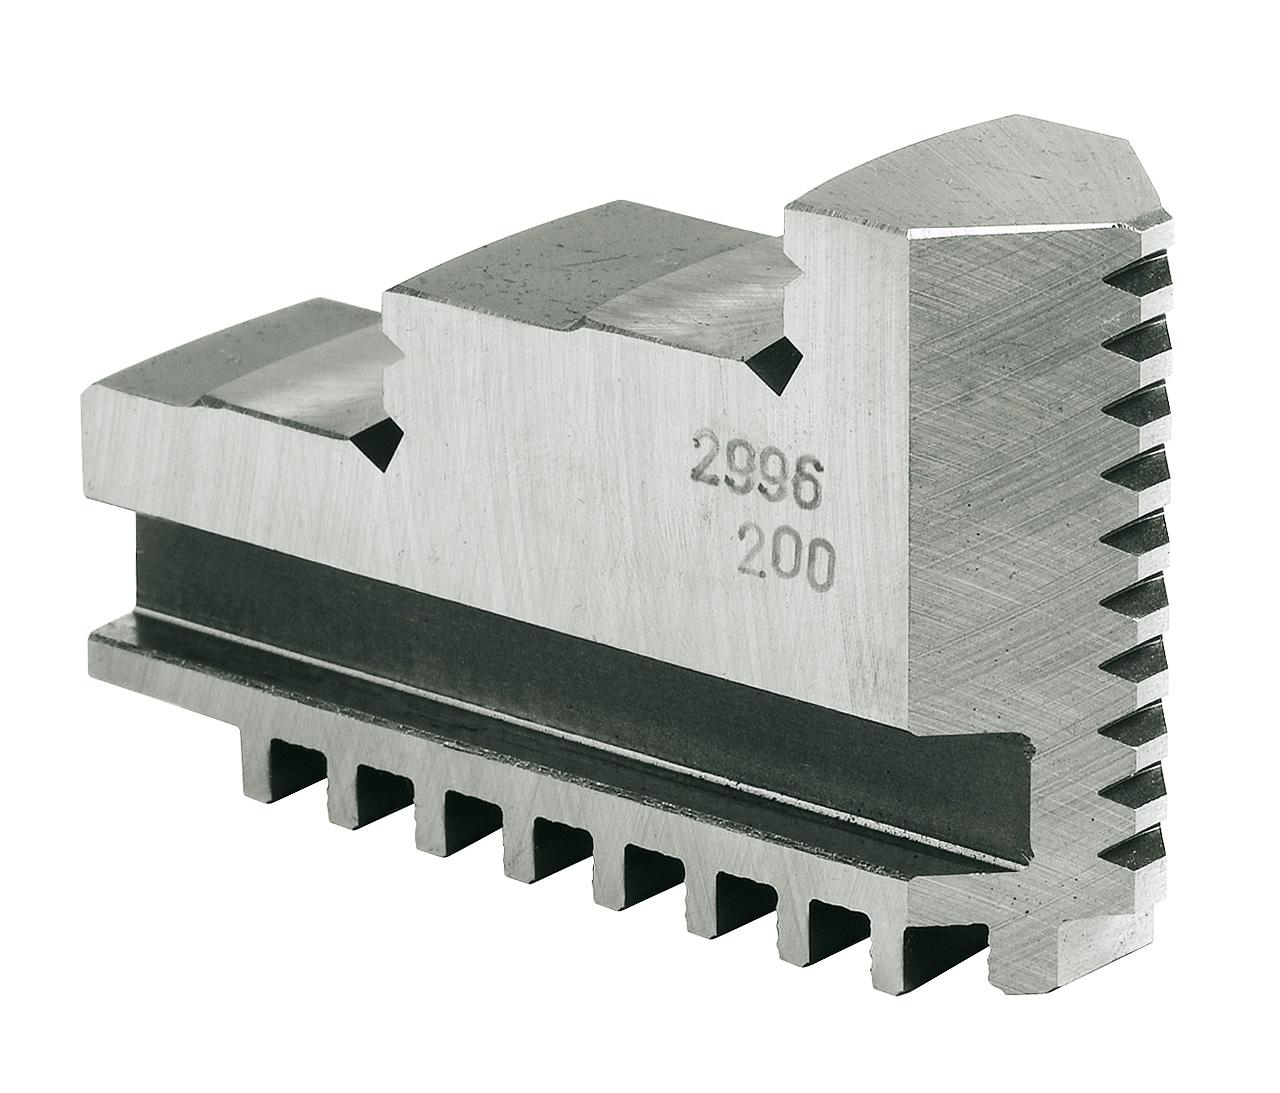 Szczęki jednolite twarde zewnętrzne - komplet DOJ-DK12-500 BERNARDO